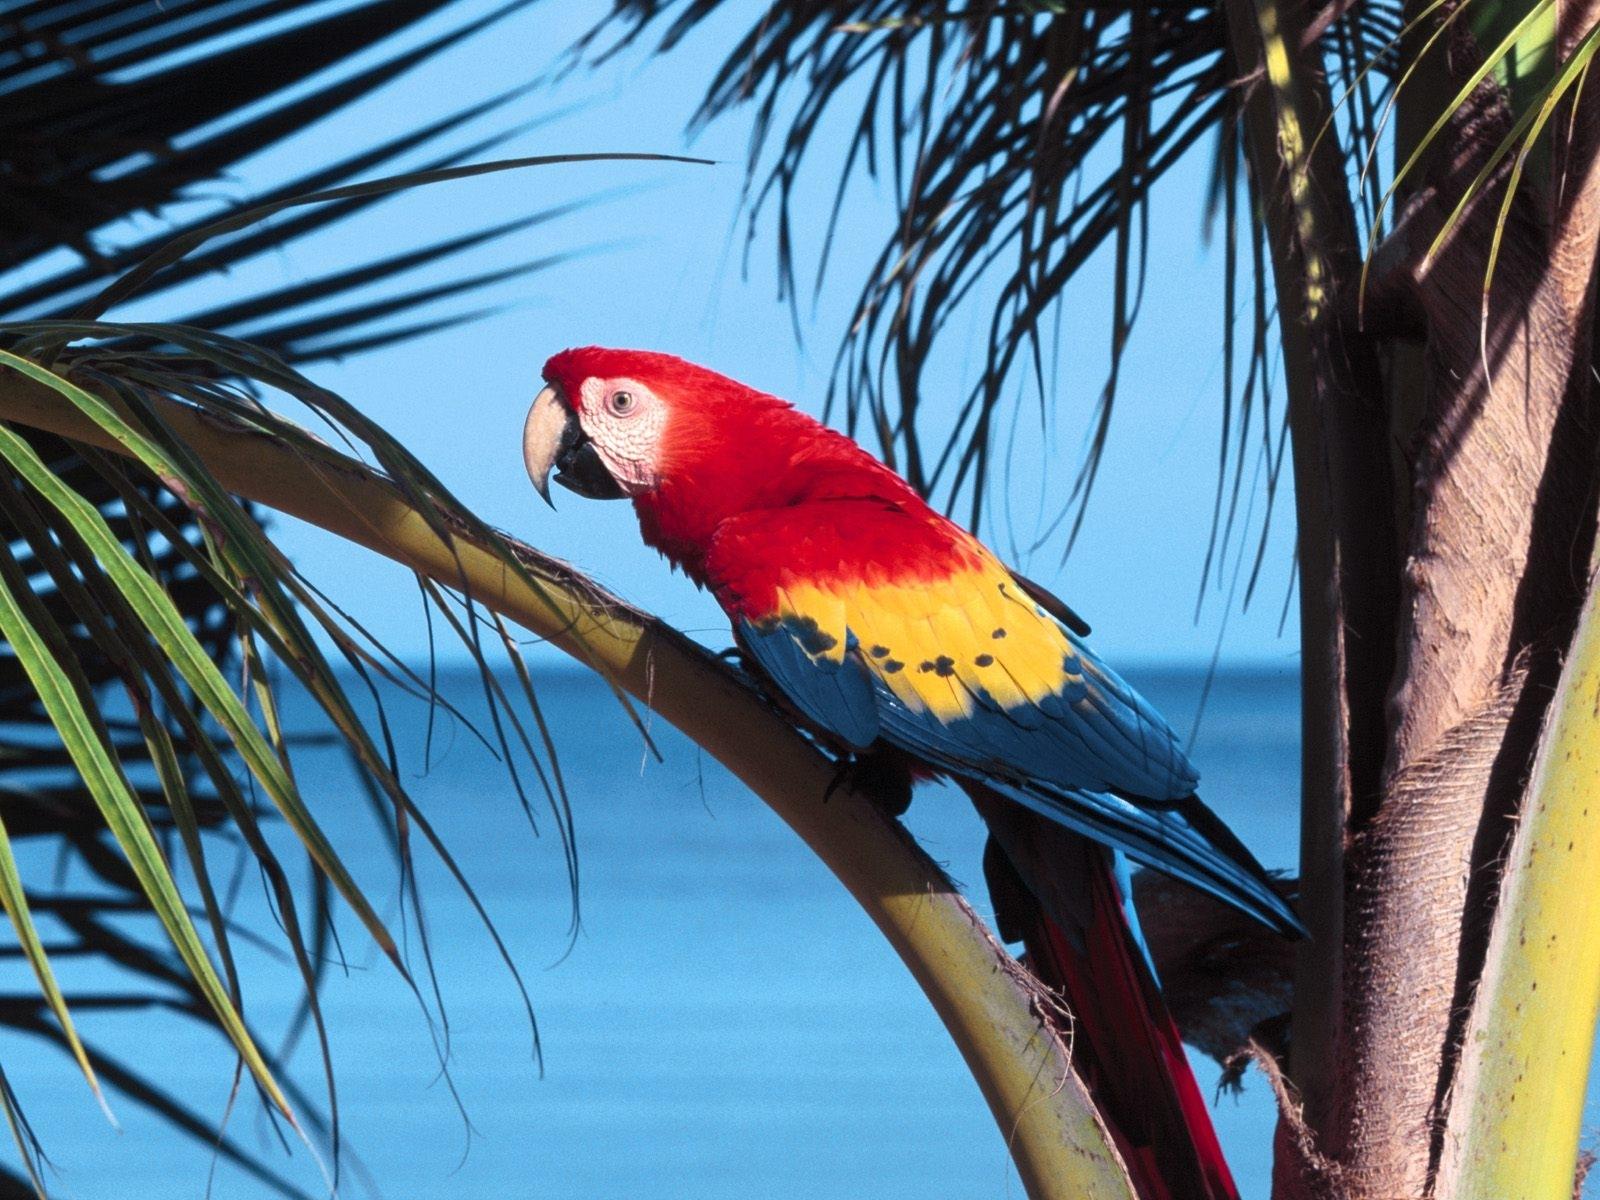 7360 Заставки и Обои Попугаи на телефон. Скачать Попугаи, Животные, Птицы картинки бесплатно